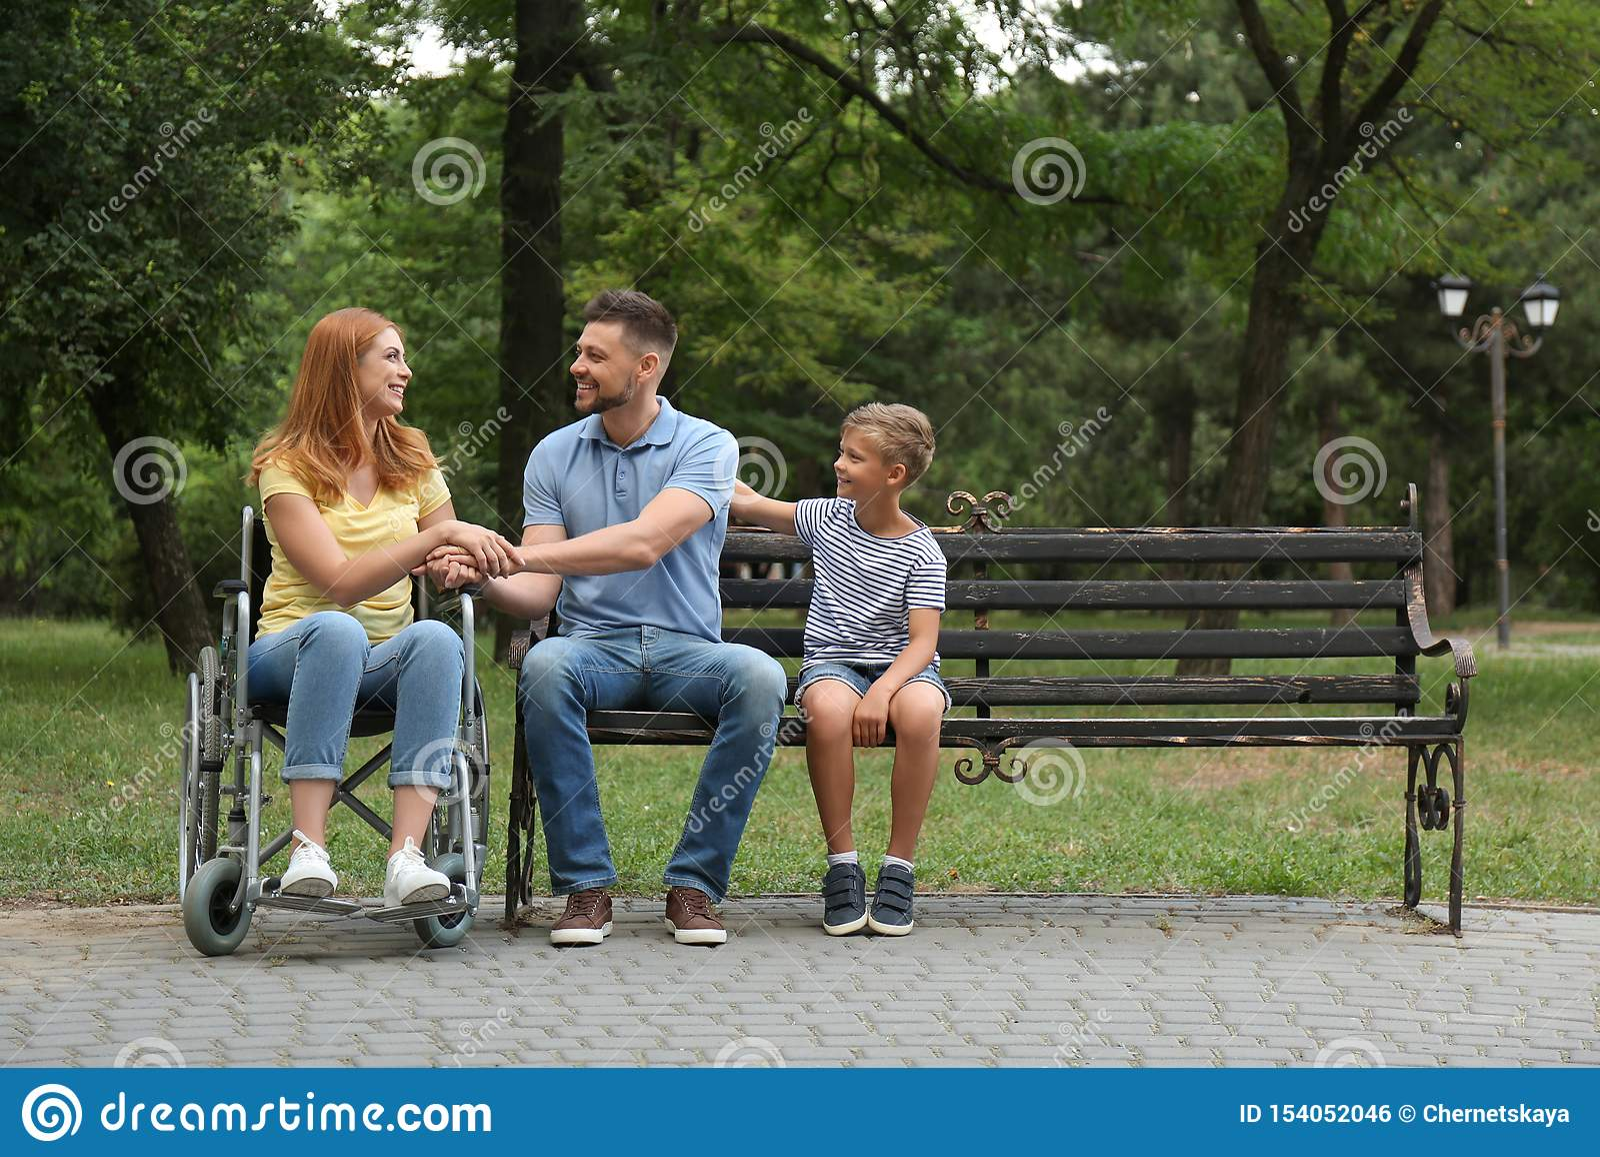 Γυναίκα στην αναπηρική καρέκλα με την οικογένειά της